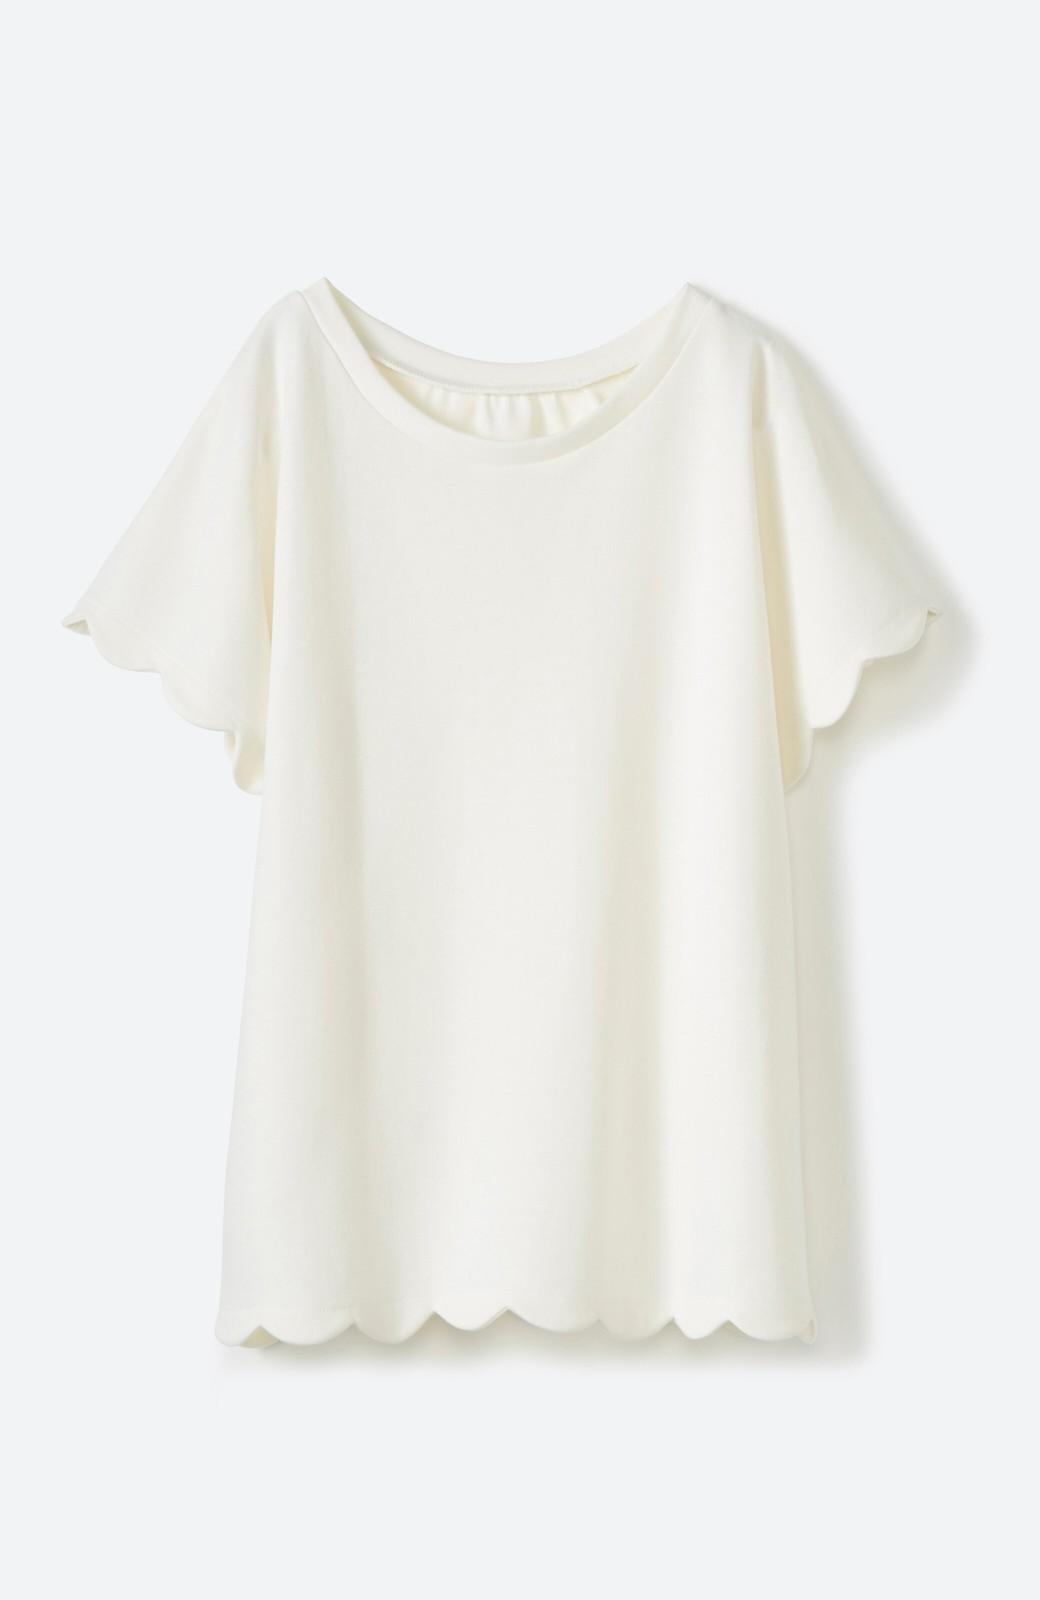 haco! haco! いつものTシャツよりかわいげご用意 スカラップカットソートップス <ホワイト>の商品写真2